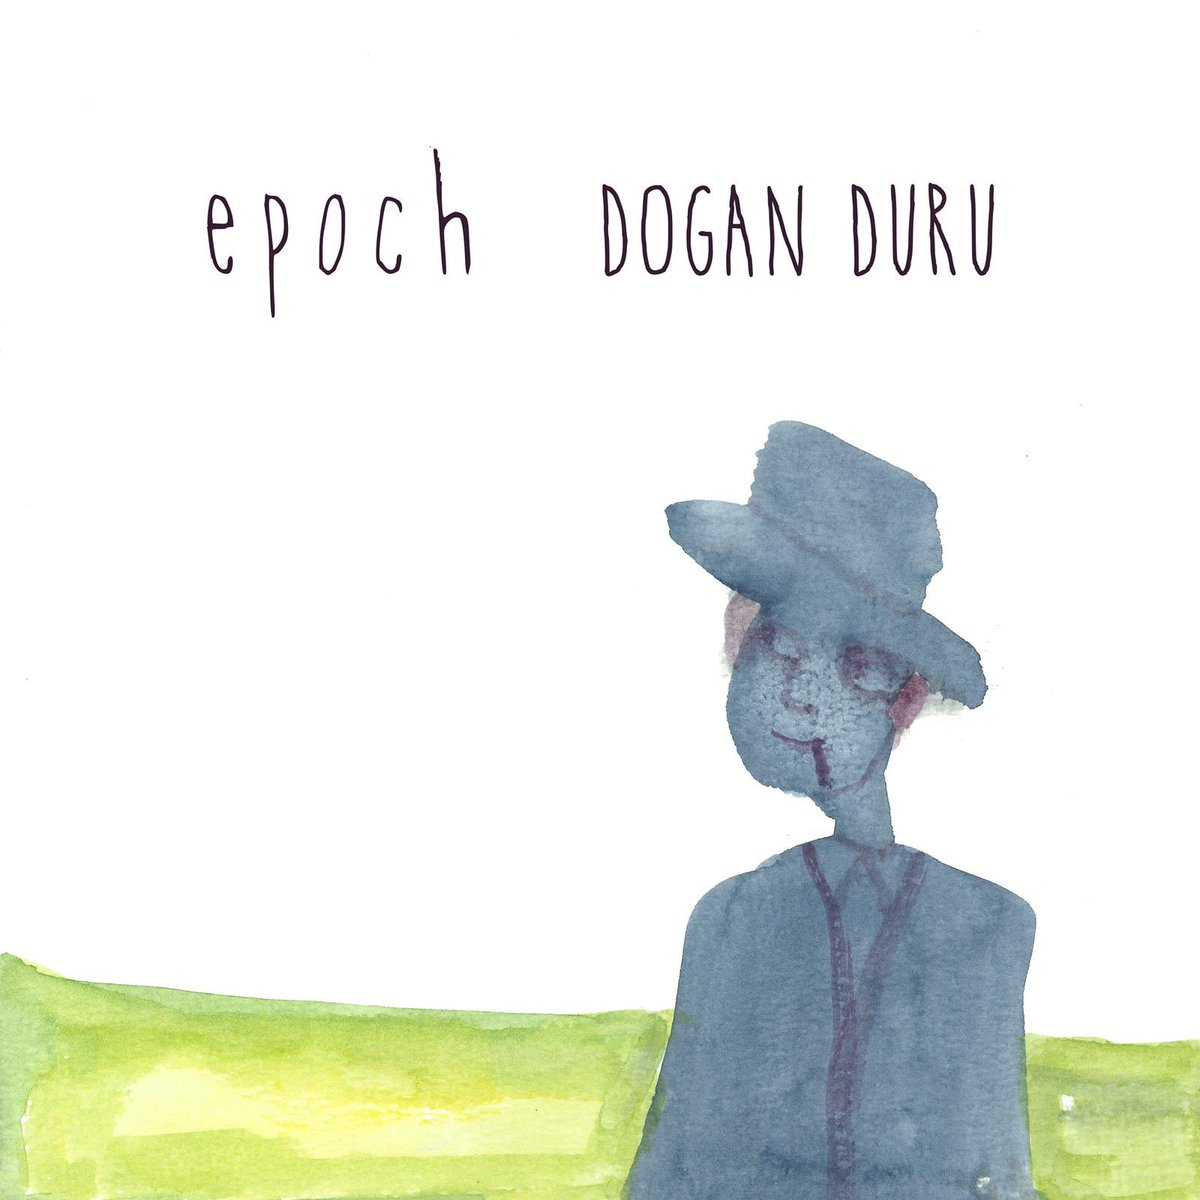 """EPwO8wfX4AEi9Sa - """"Epoch, Neredeyse 'Boş Yok' Dediğimiz Albümlerden Biri"""" - Doğan Duru » Röportaj"""